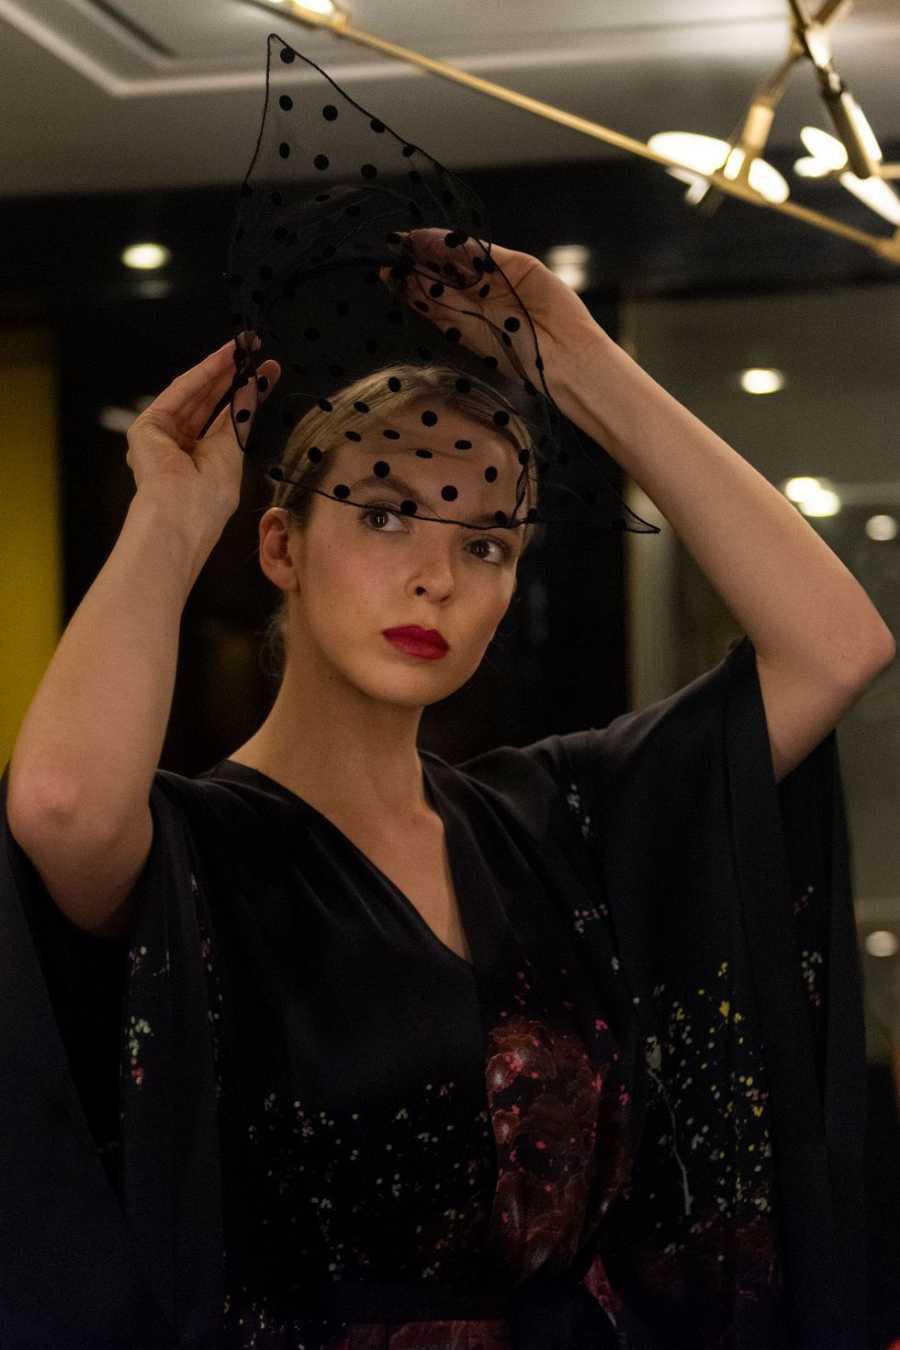 La asesina se vestirá de negro en uno de los momentos más importantes de la serie